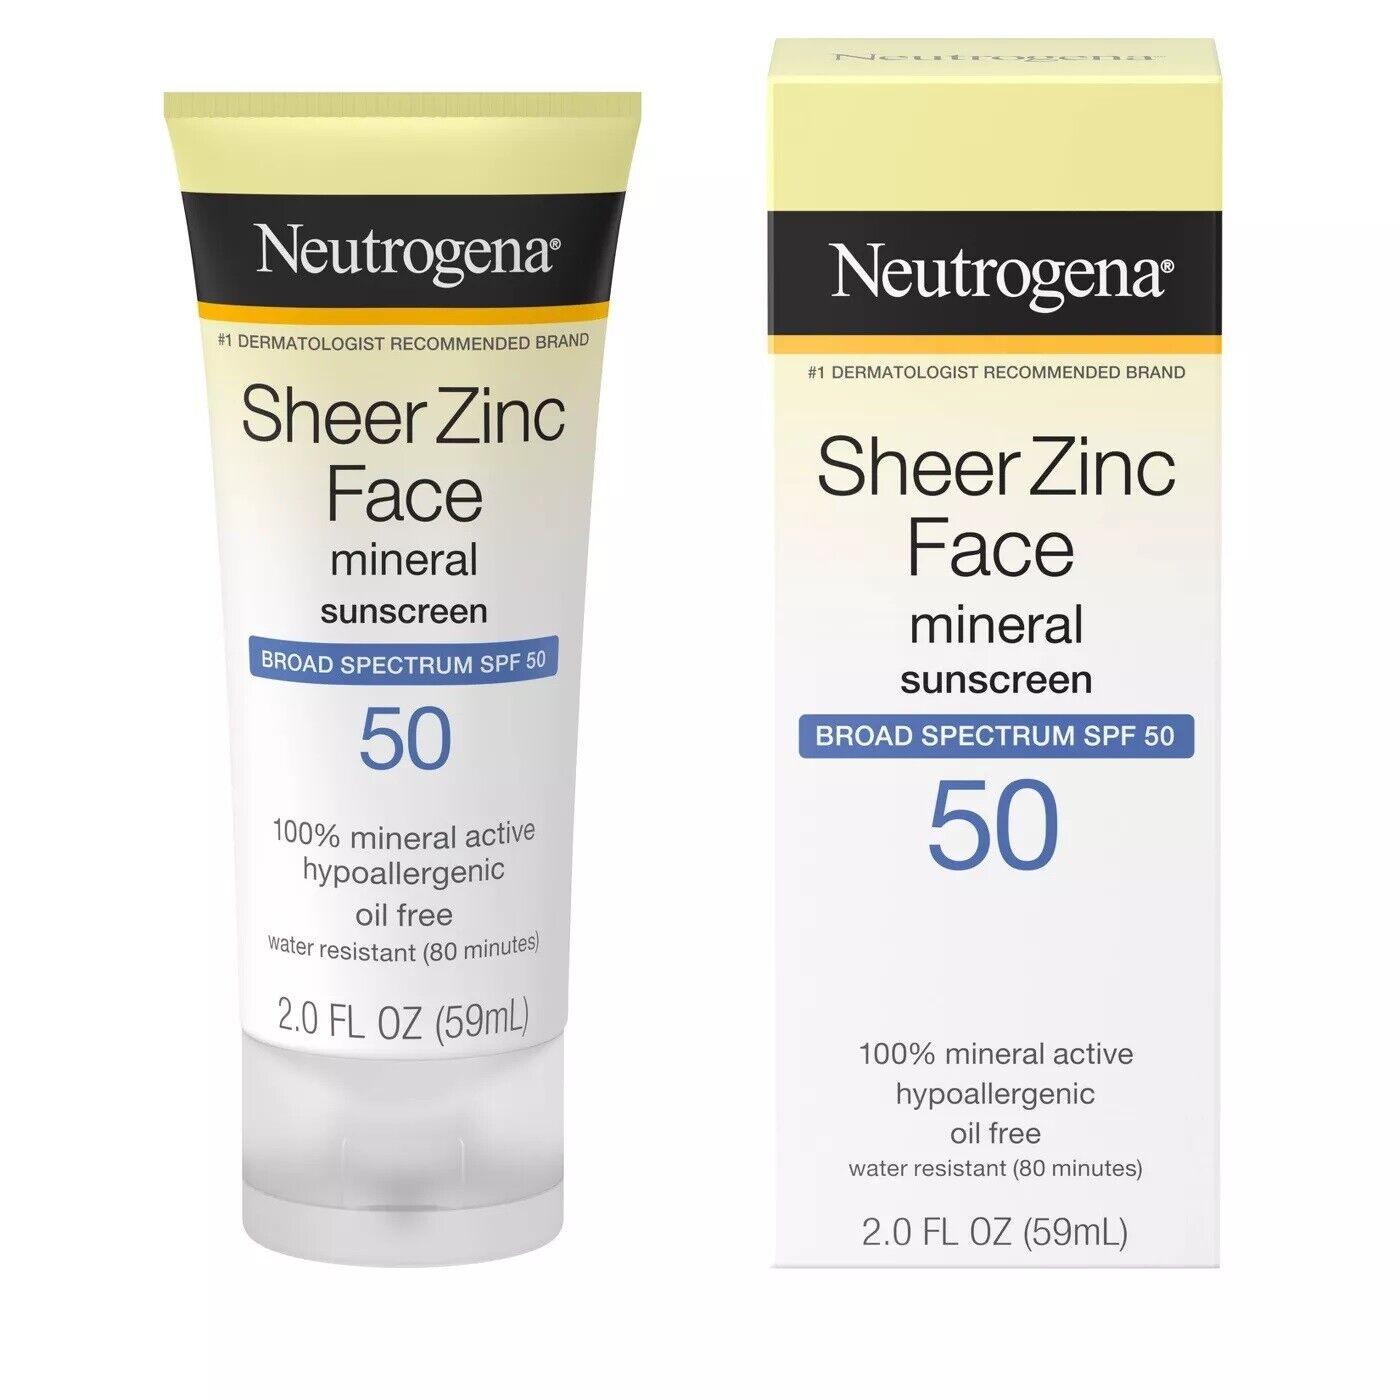 Neutrogena Sheer Zinc Face Dry Touch Sunscreen Broad Spectru